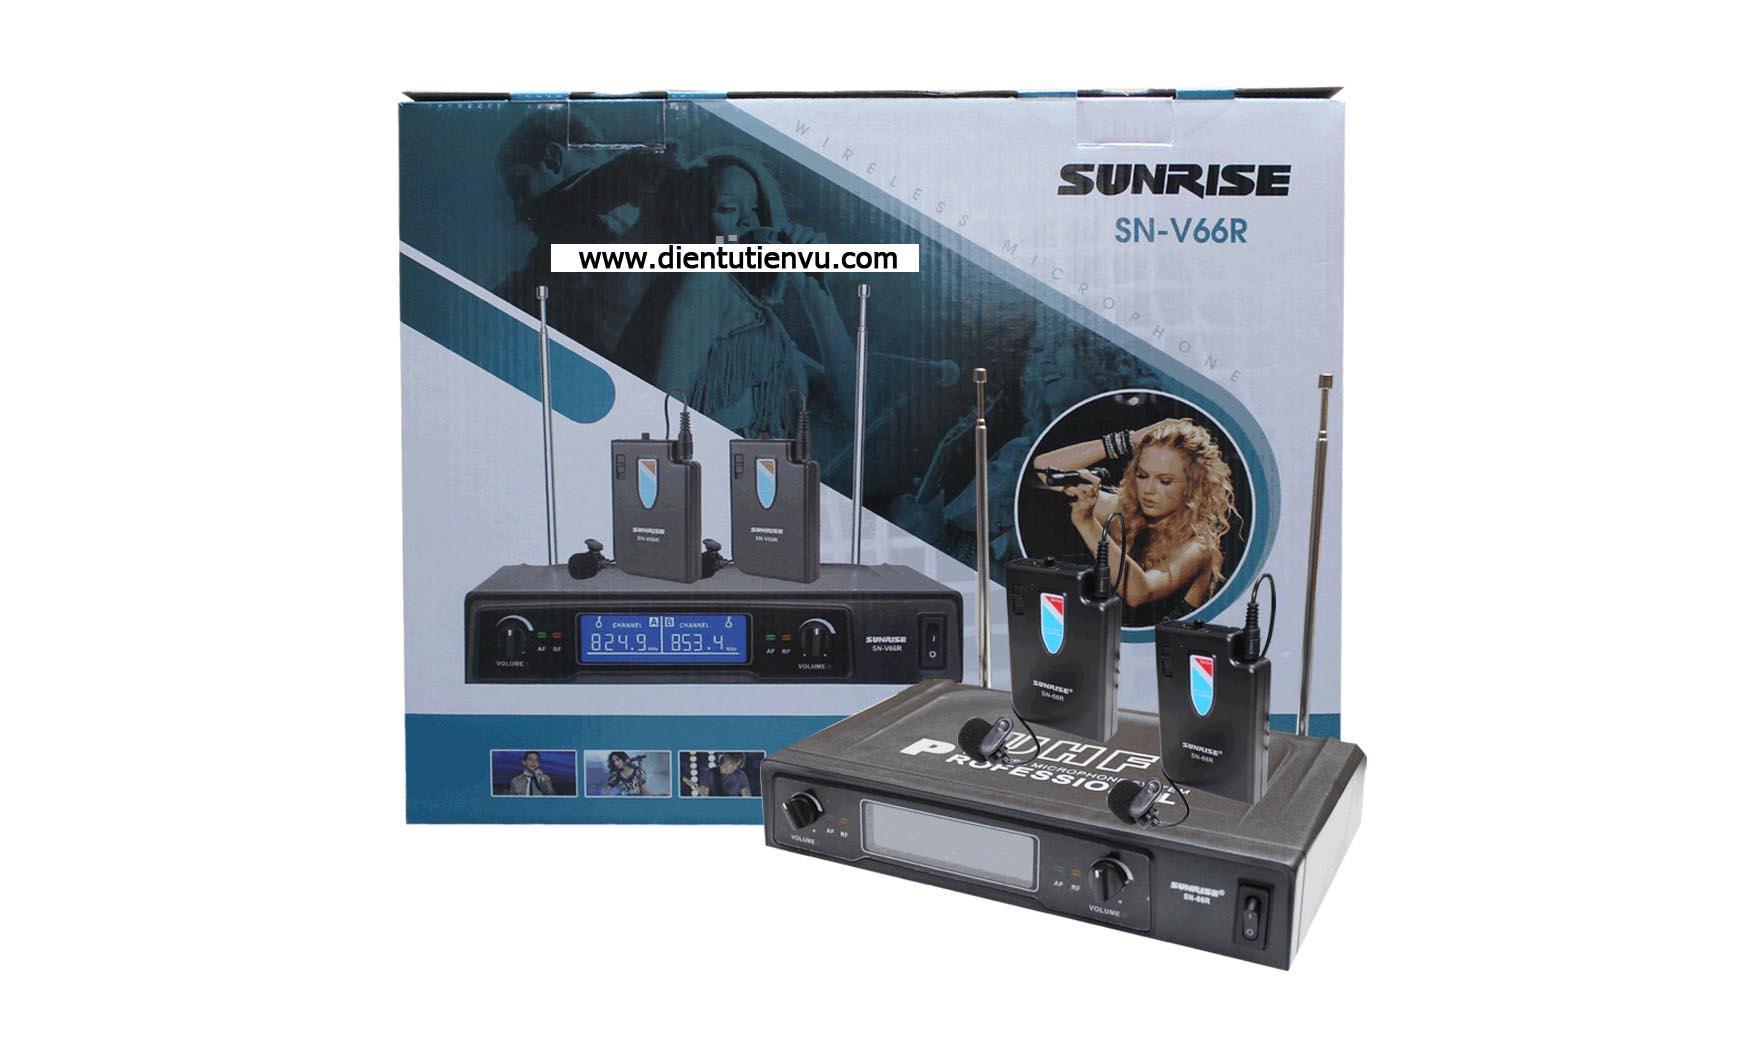 Bán Micro Kẹp Ao Đeo Tai Sunrise Sn V66R Sunrise Rẻ